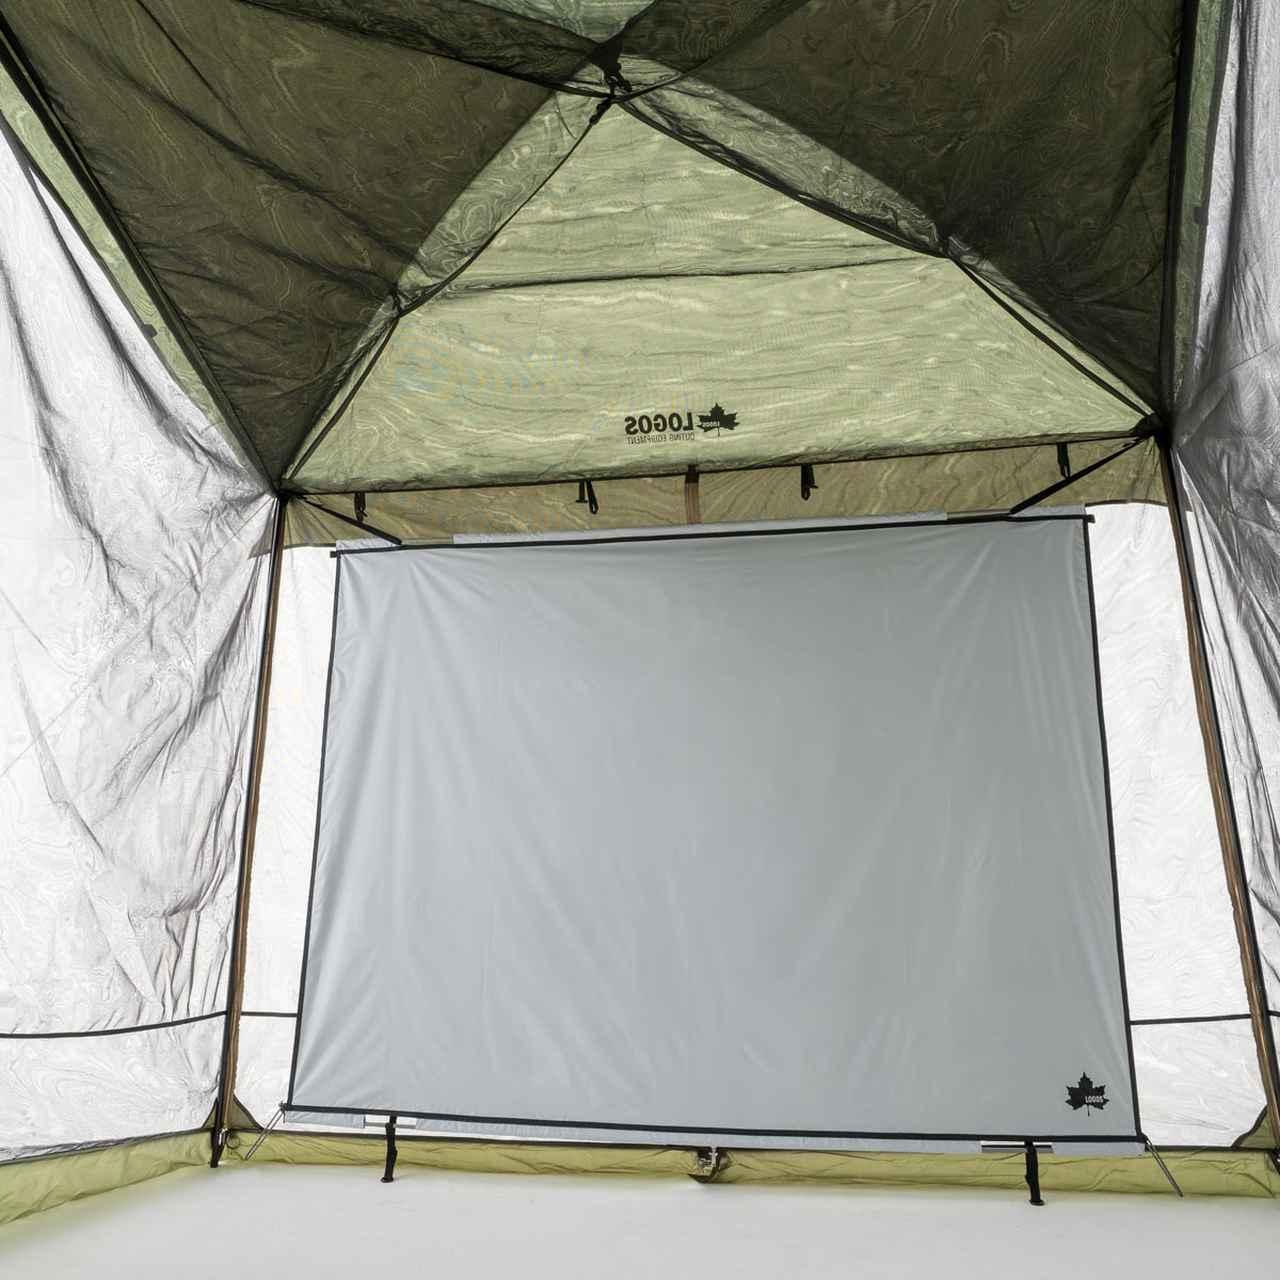 画像: ネジなし簡単設営で安心してキャンプのお供に